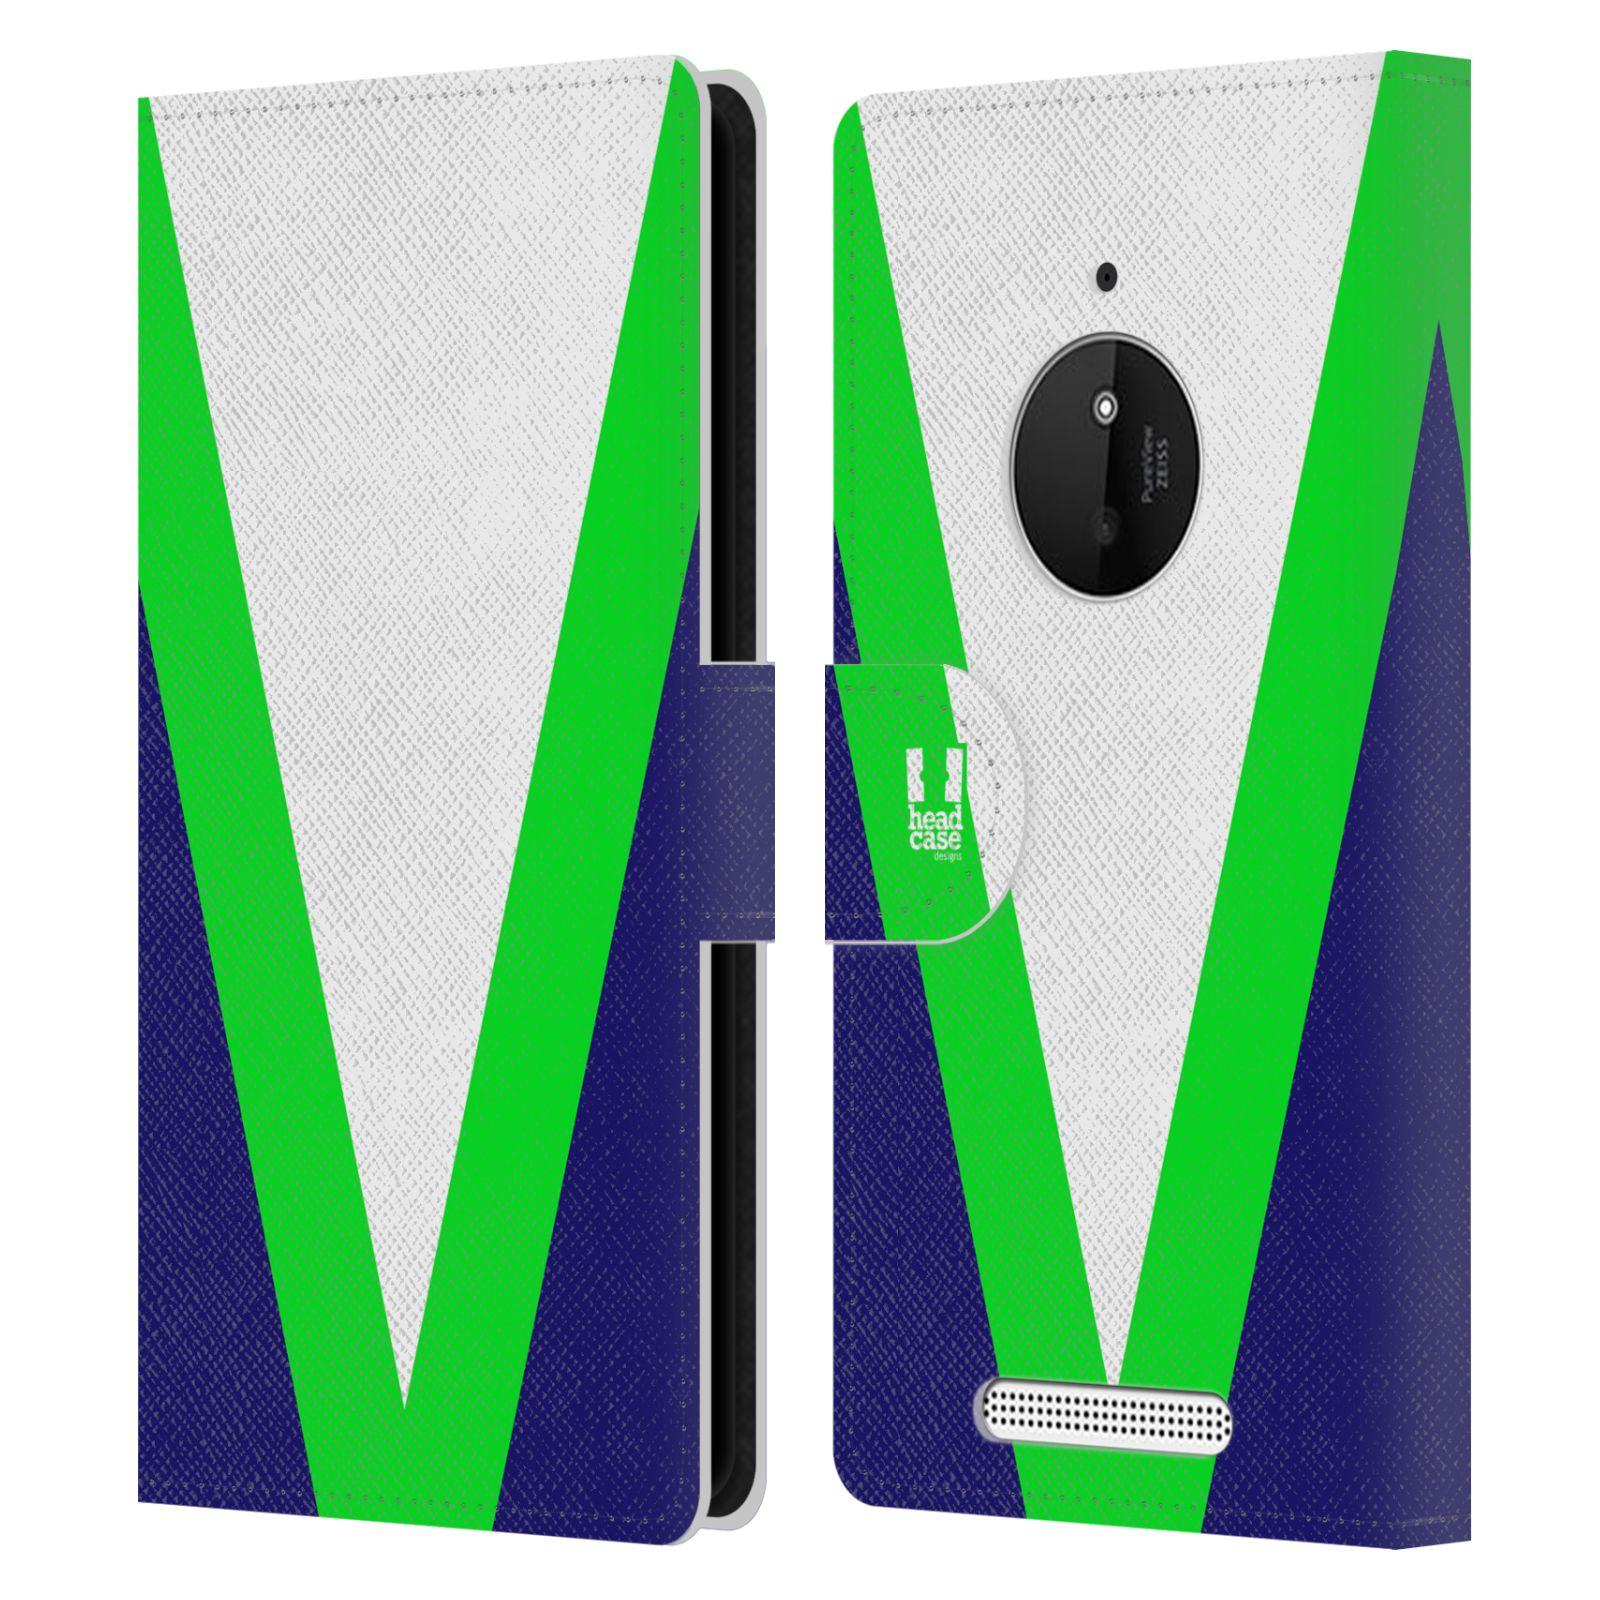 HEAD CASE Flipové pouzdro pro mobil Nokia LUMIA 830 barevné tvary zelená a modrá